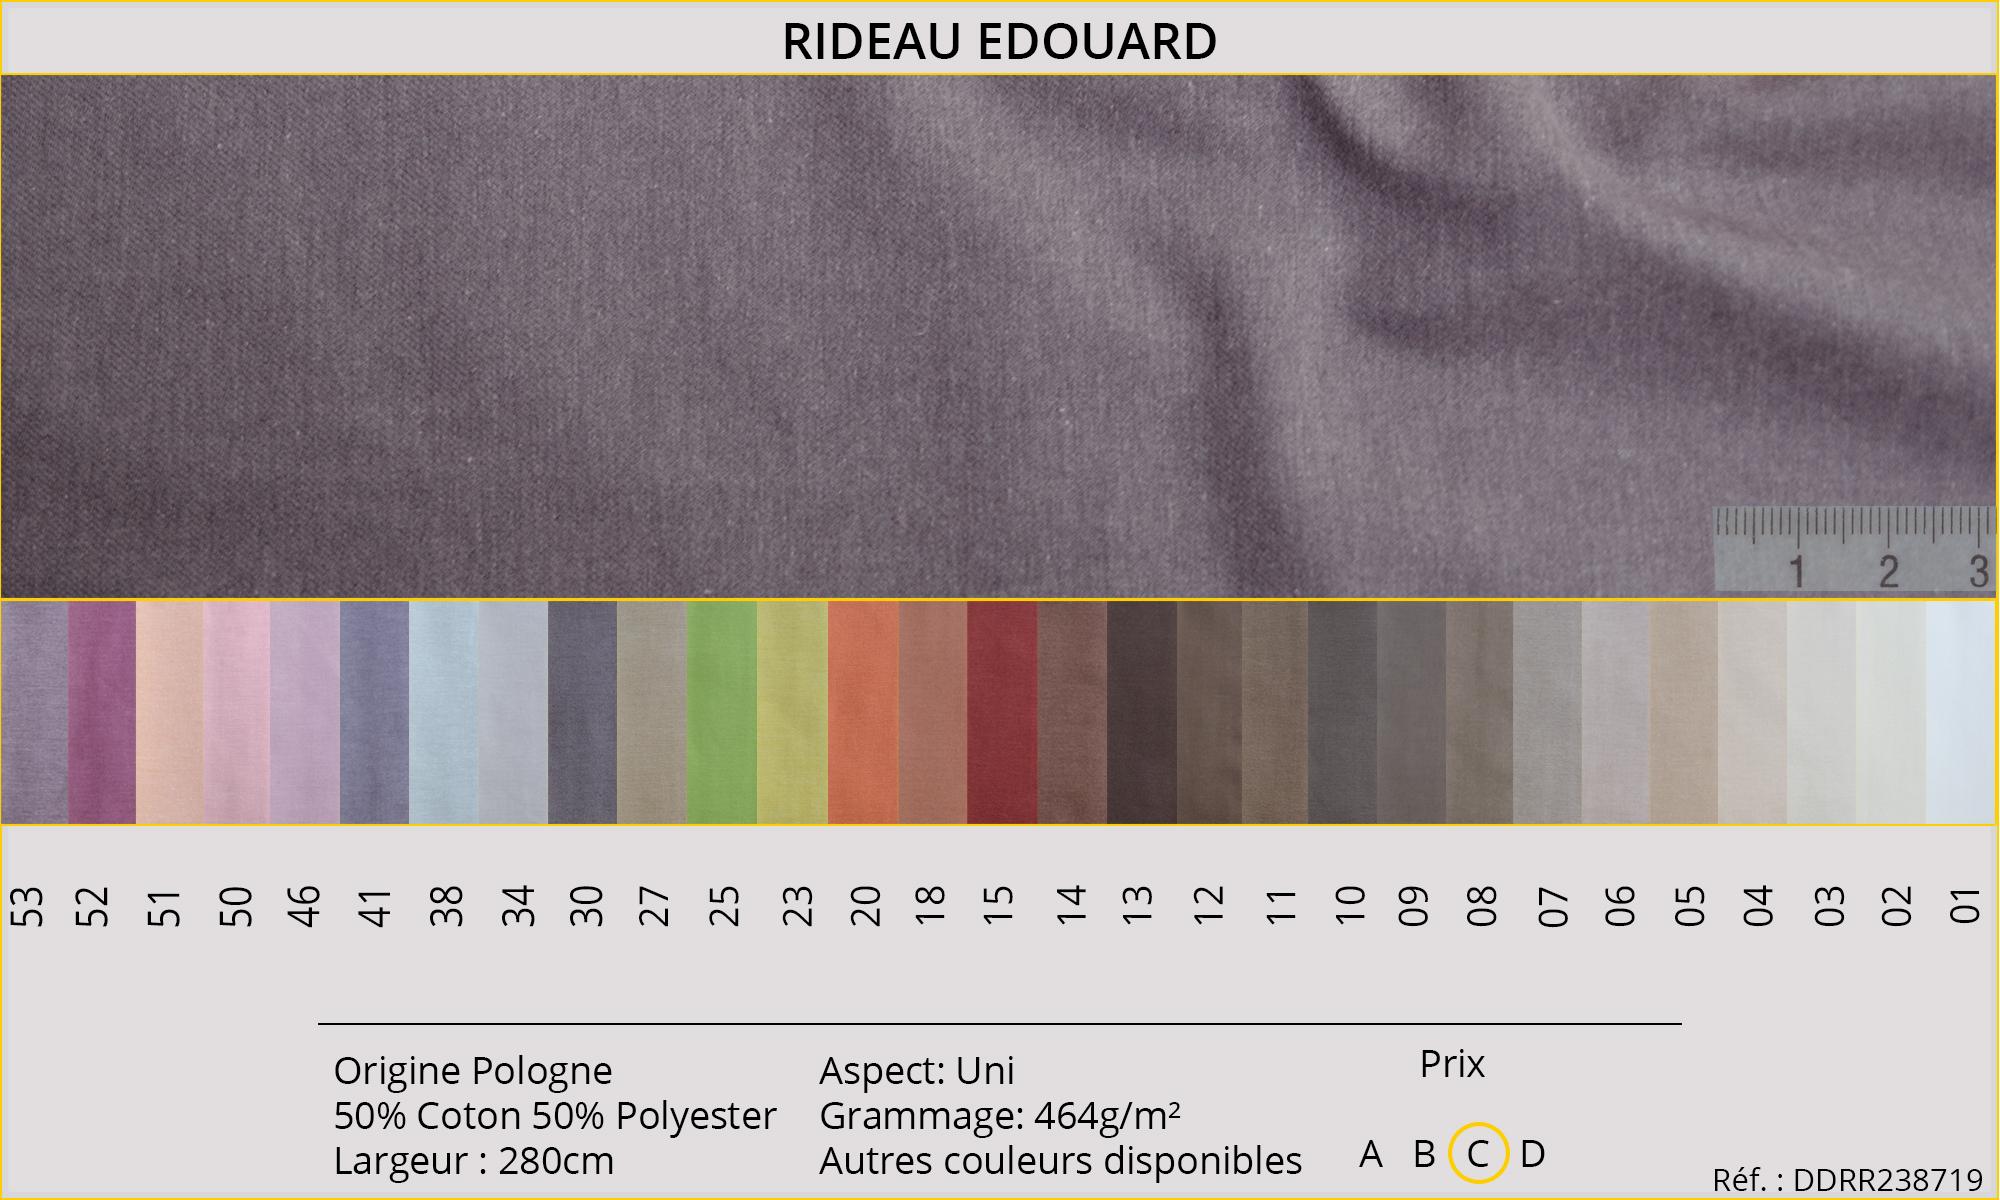 Rideaux-Hôtels Edouard